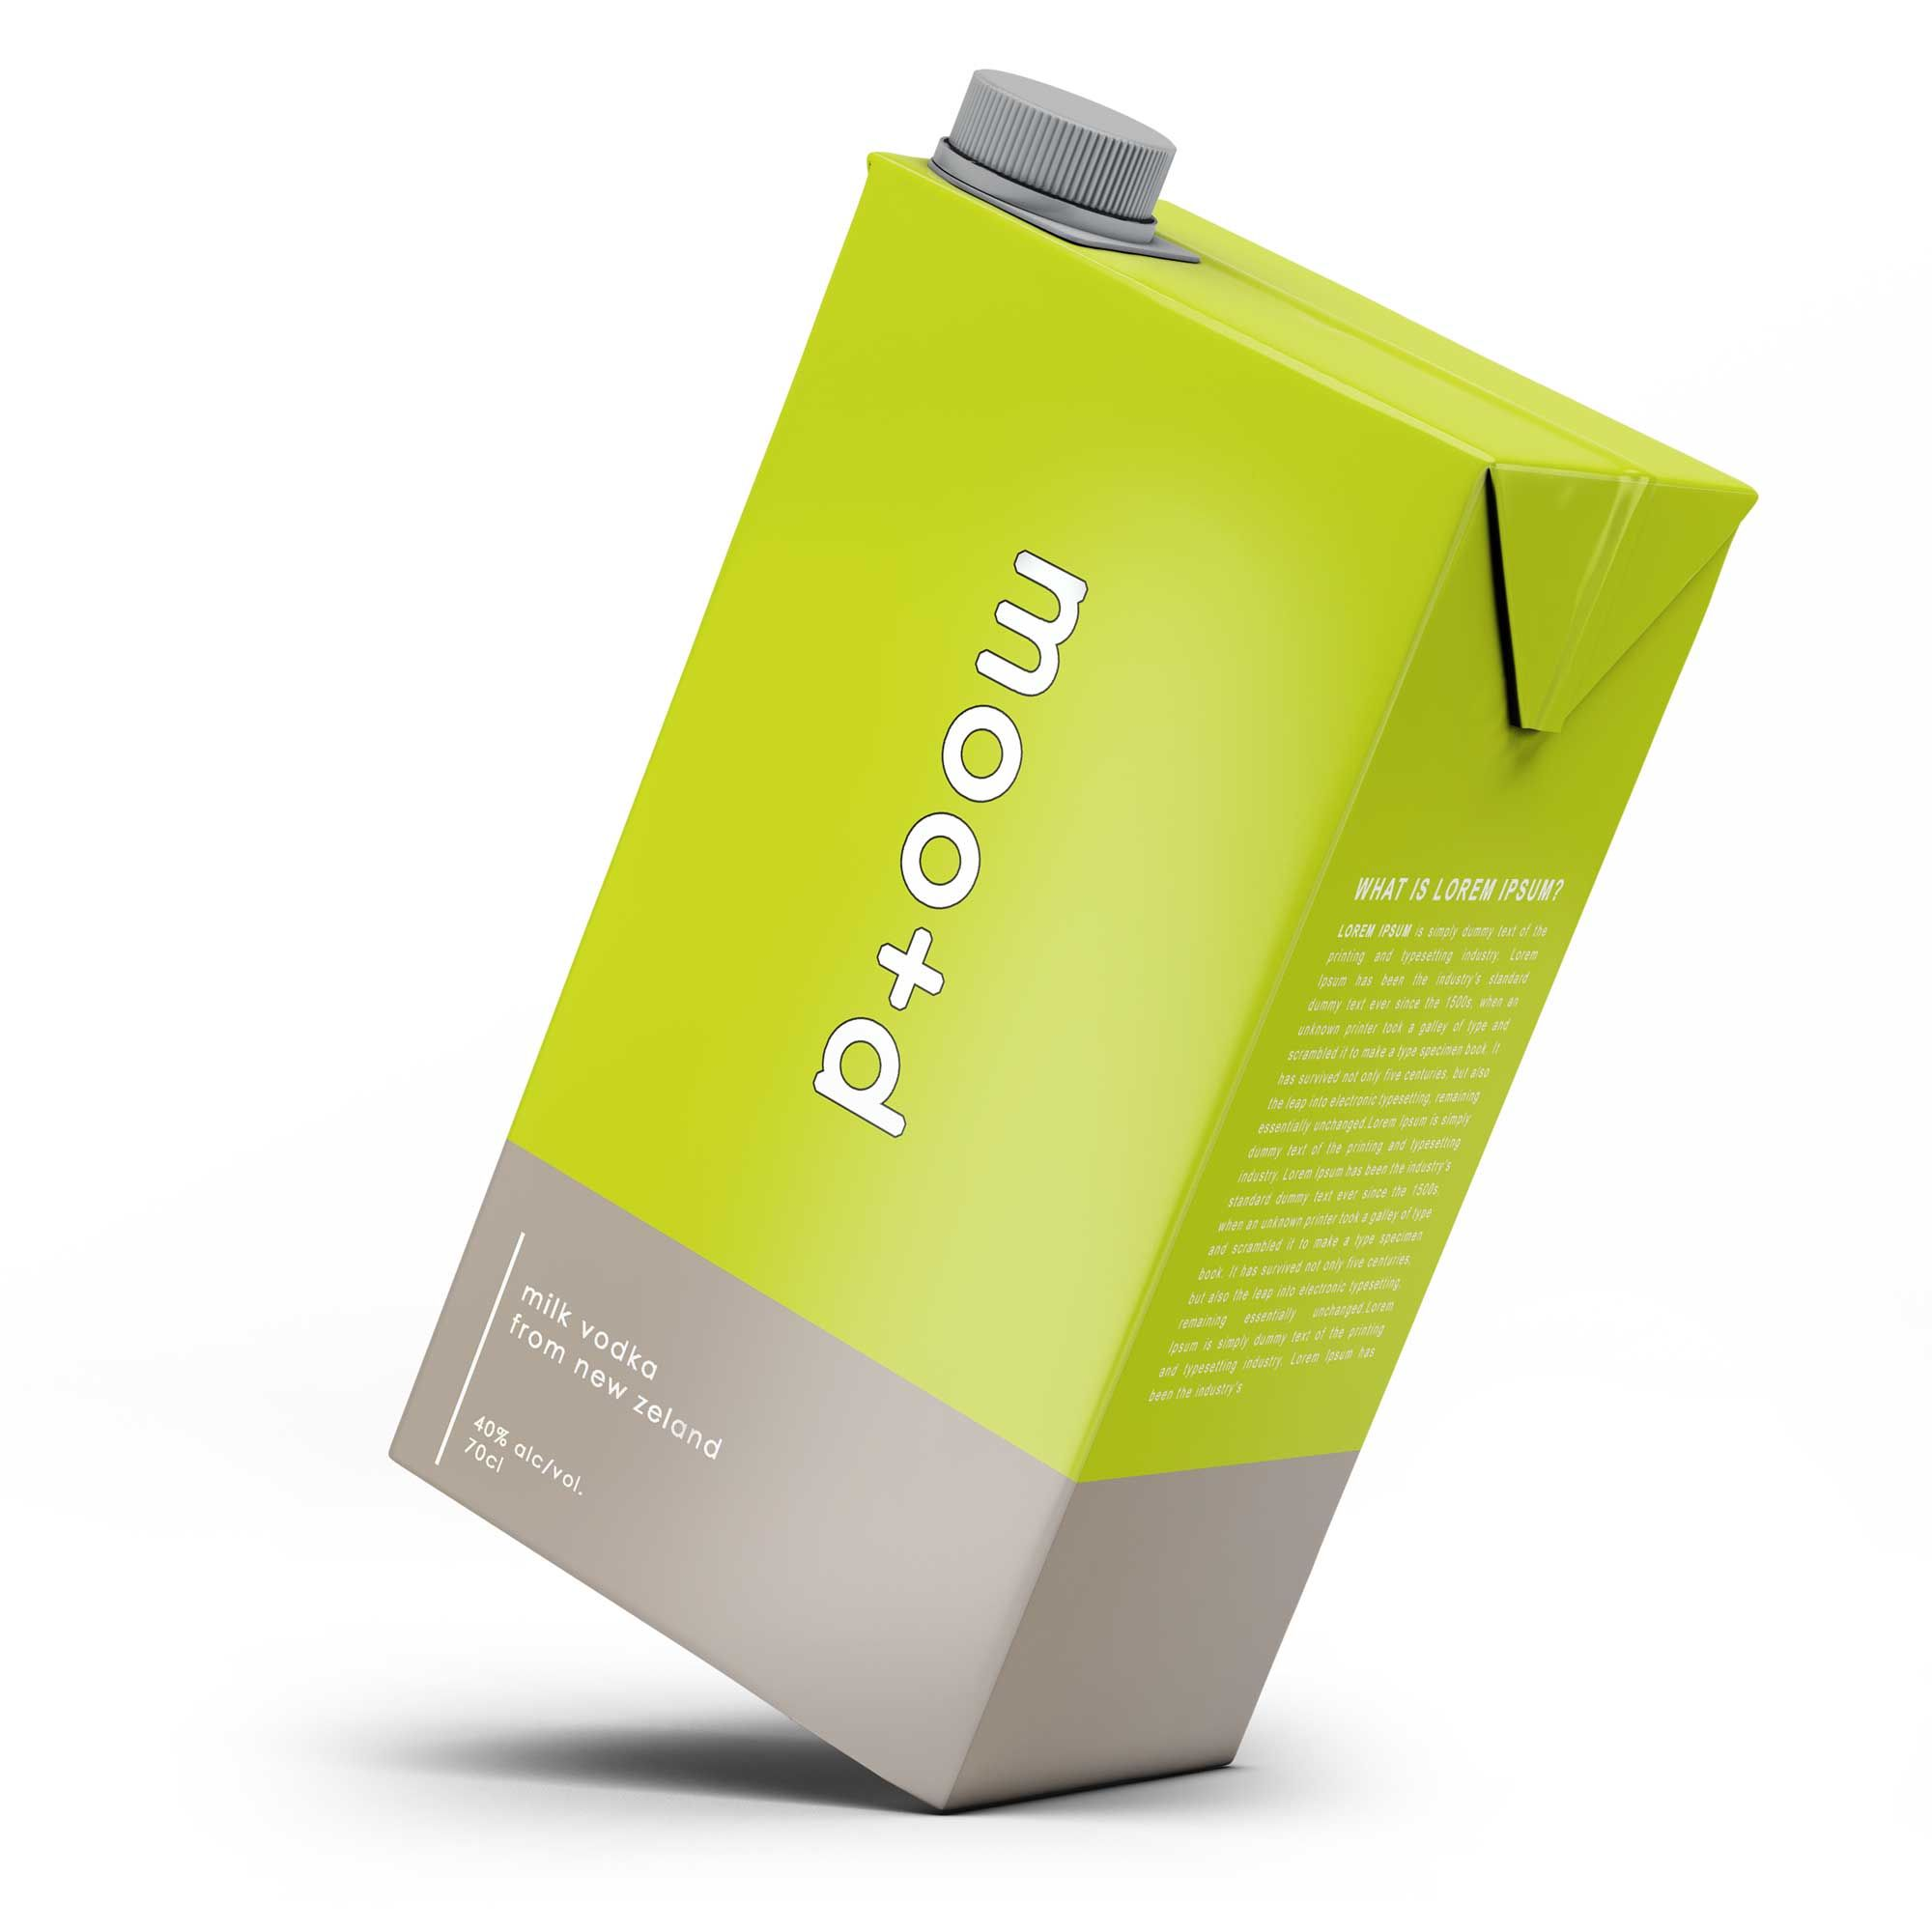 Free Green Real Juice Carton Packet Mockup Cartonmockup Freedownload Freepsd Mockups Packetmockup Psd Psddownload P Juice Carton Mockup Free Psd Carton